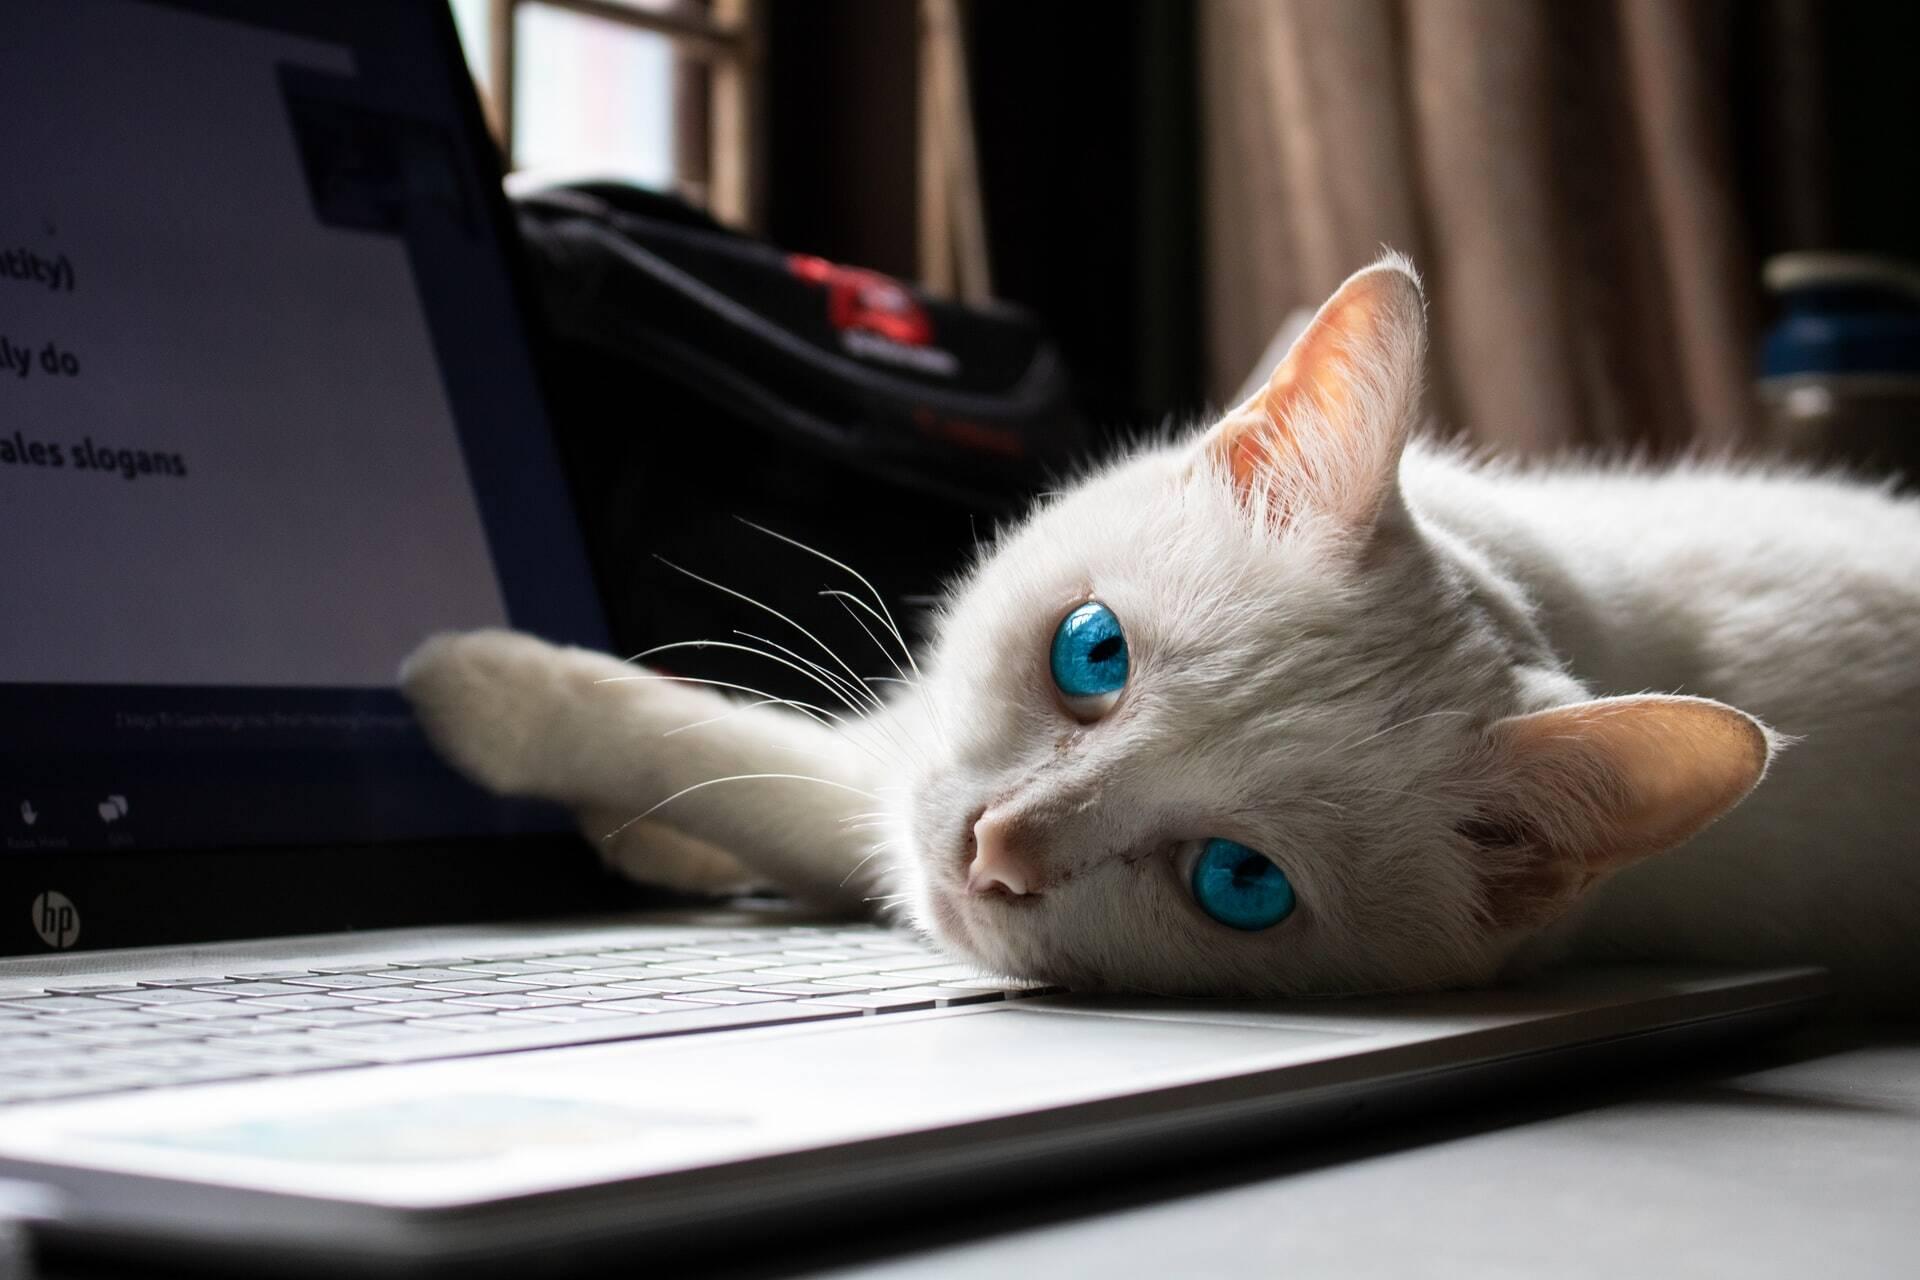 Cientistas estudam por que os gatos adoram ficar sobre o teclado do computador